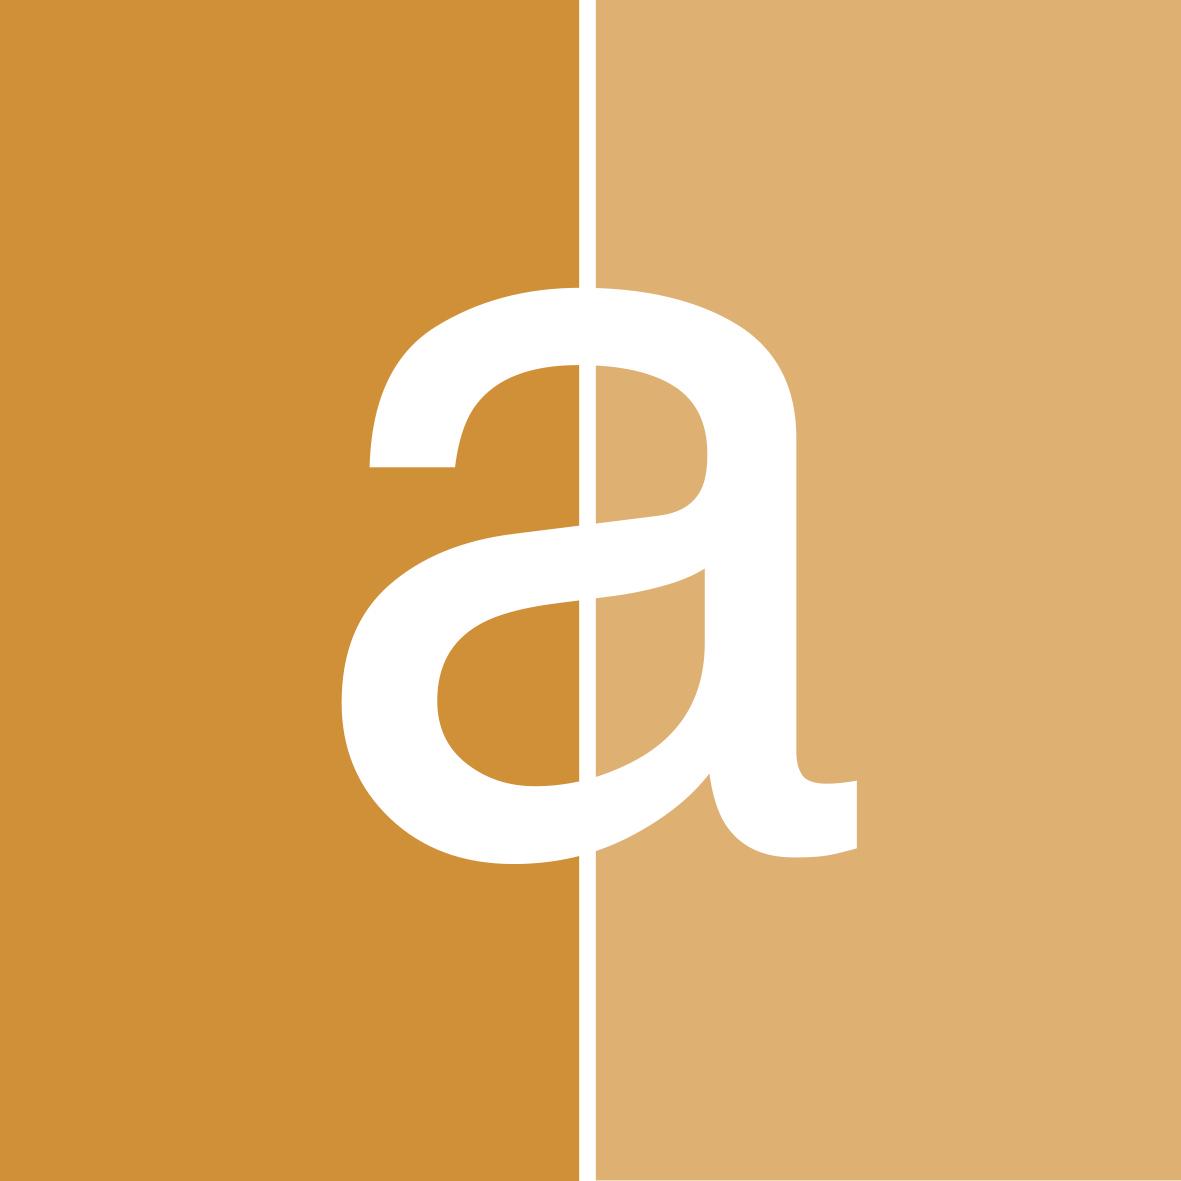 Statische Alternativen zur Helvetica – neutrale bis charakterstarke Serifenlose